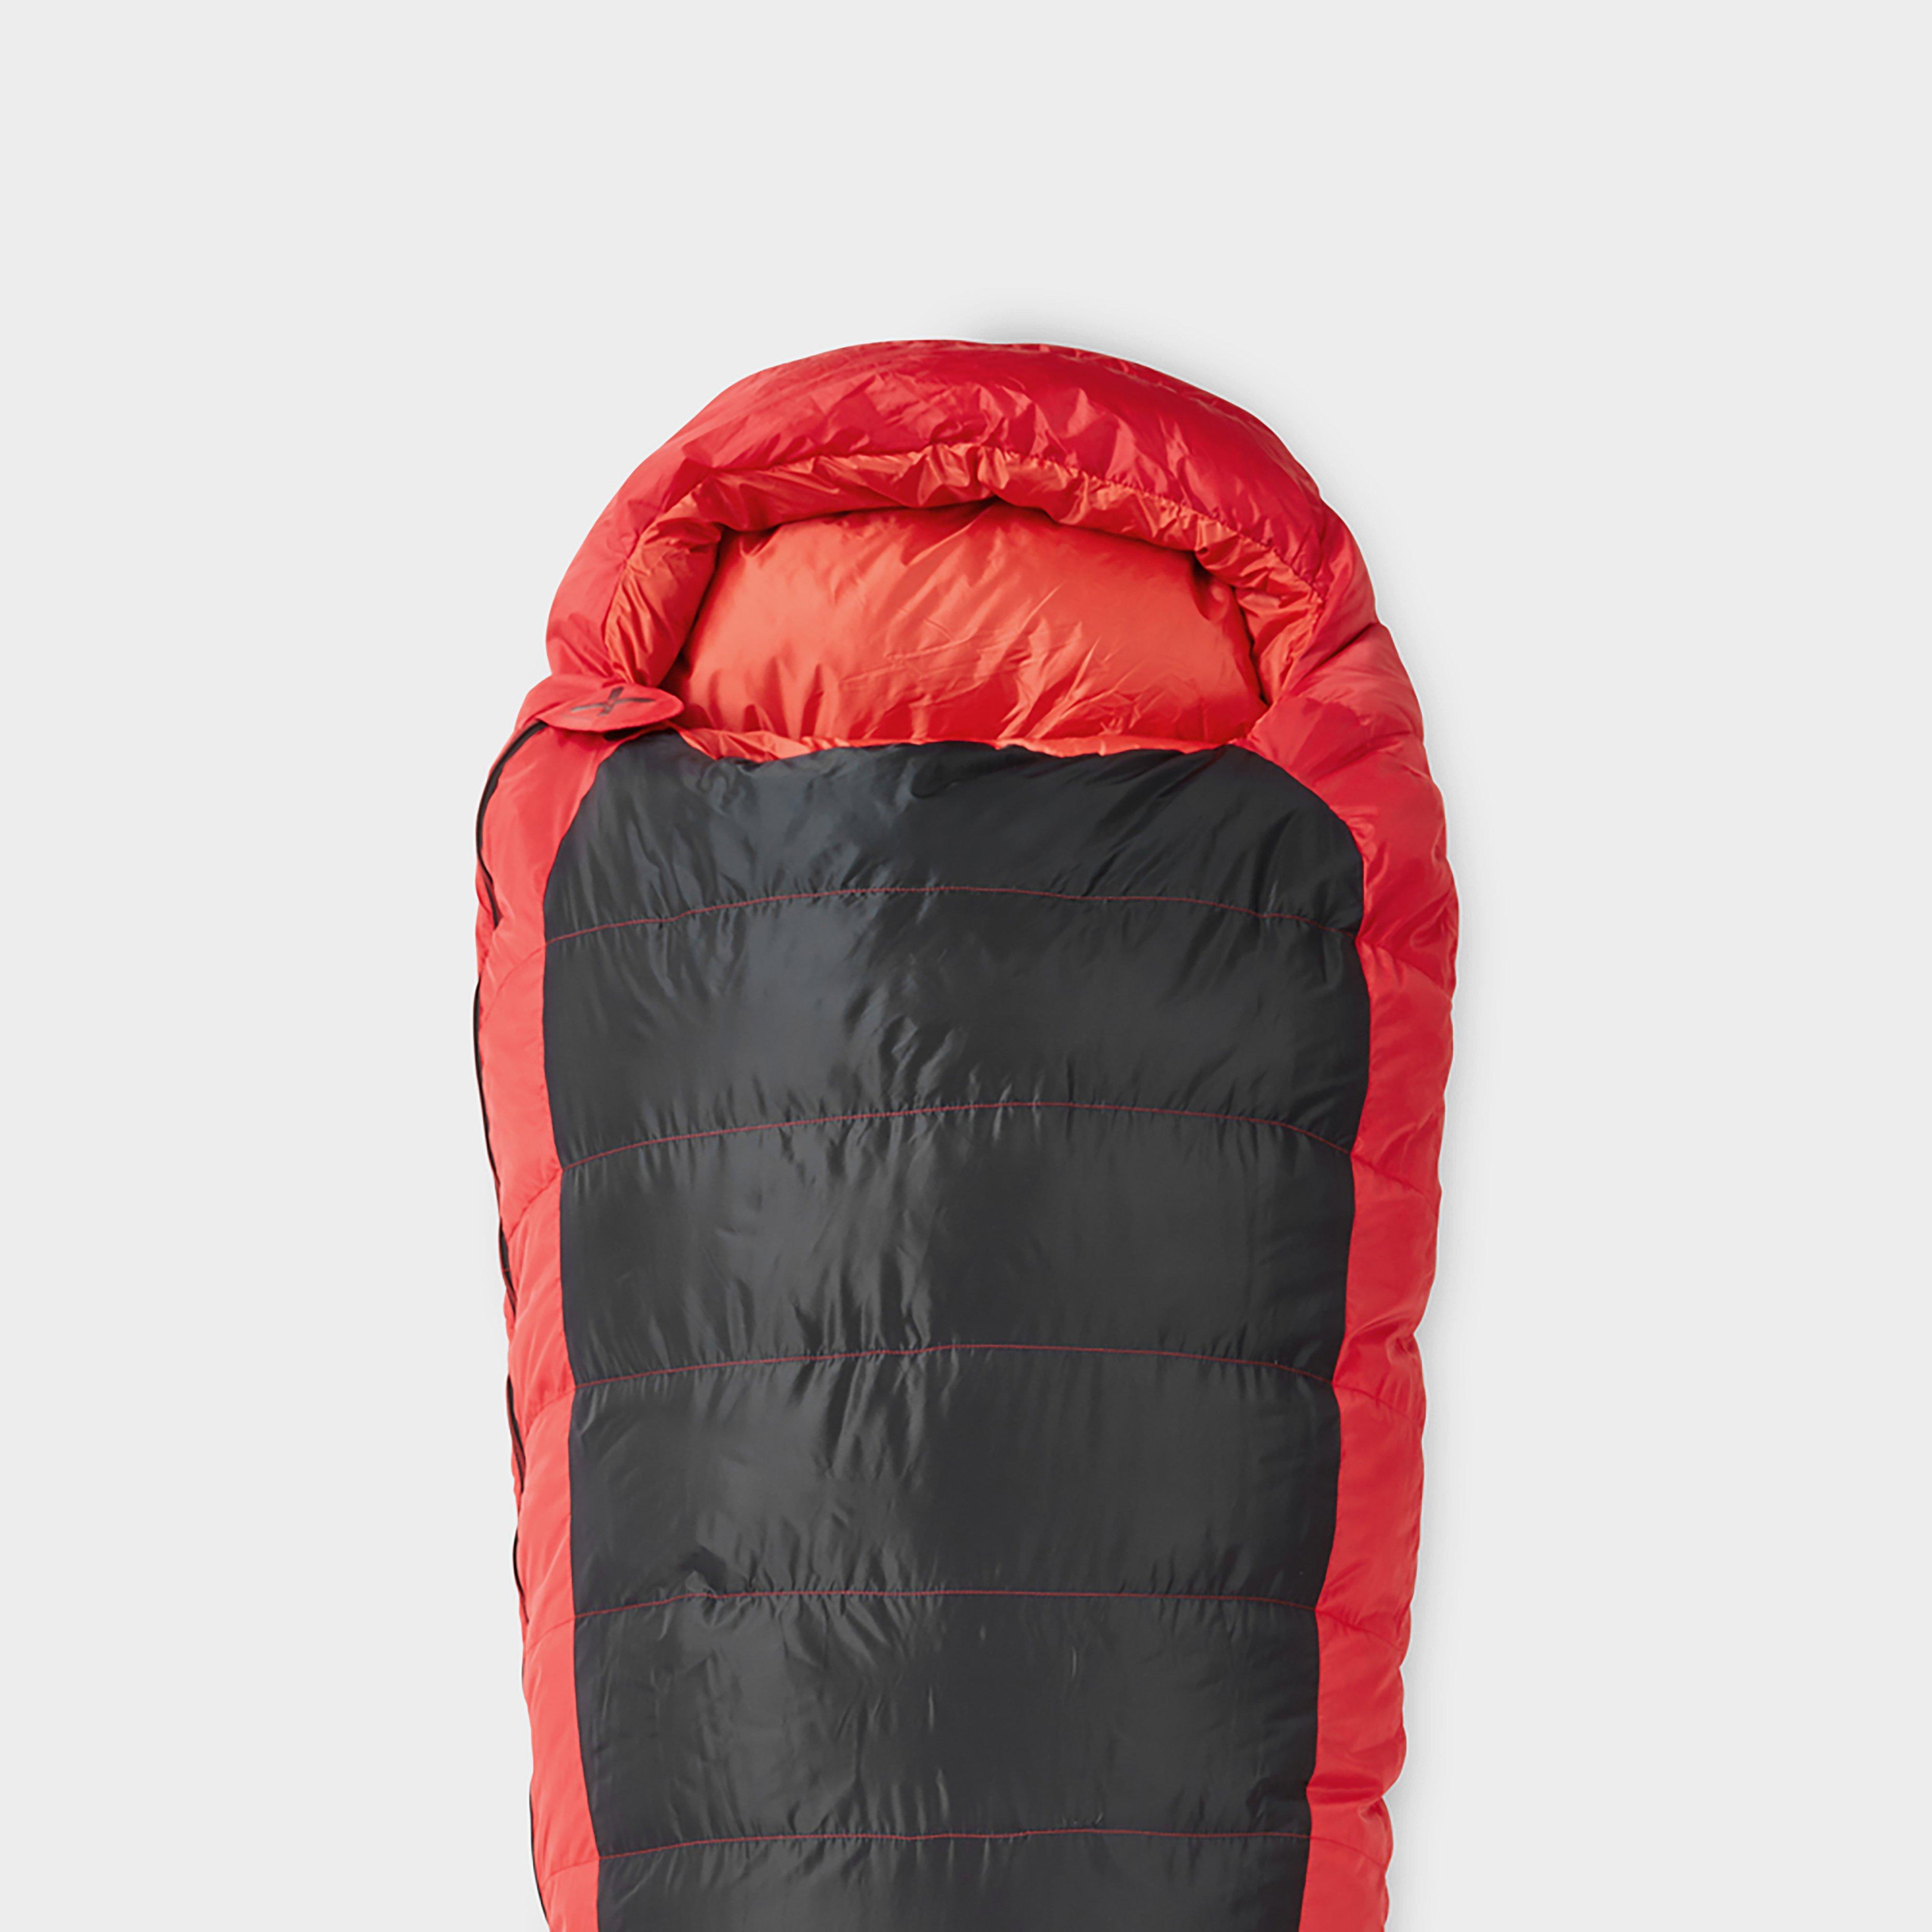 OEX Helios EV 300 Sleeping Bag